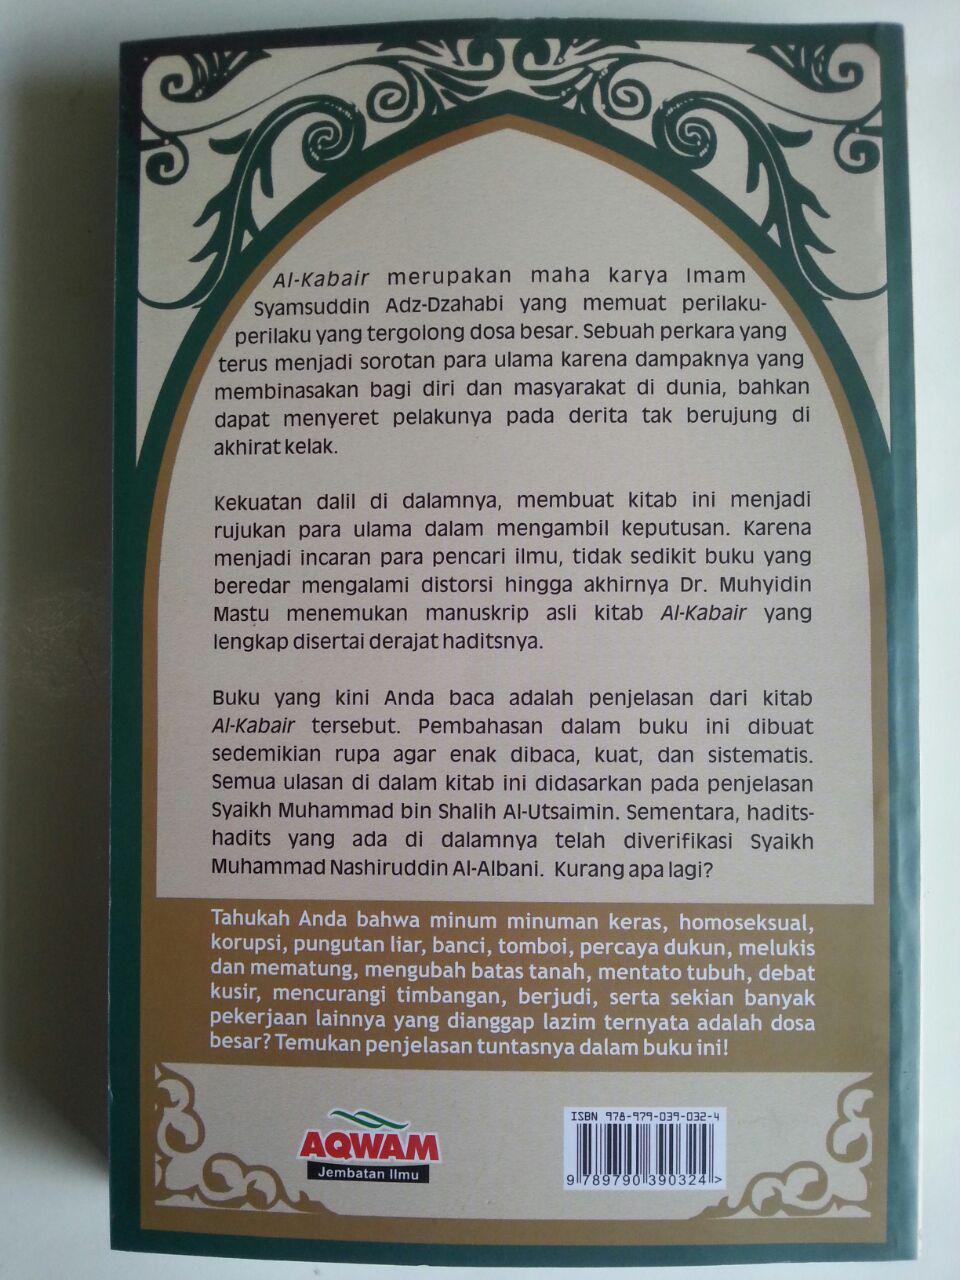 Buku Syarah Al-Kabair Kupas Tuntas Dosa Besar cover